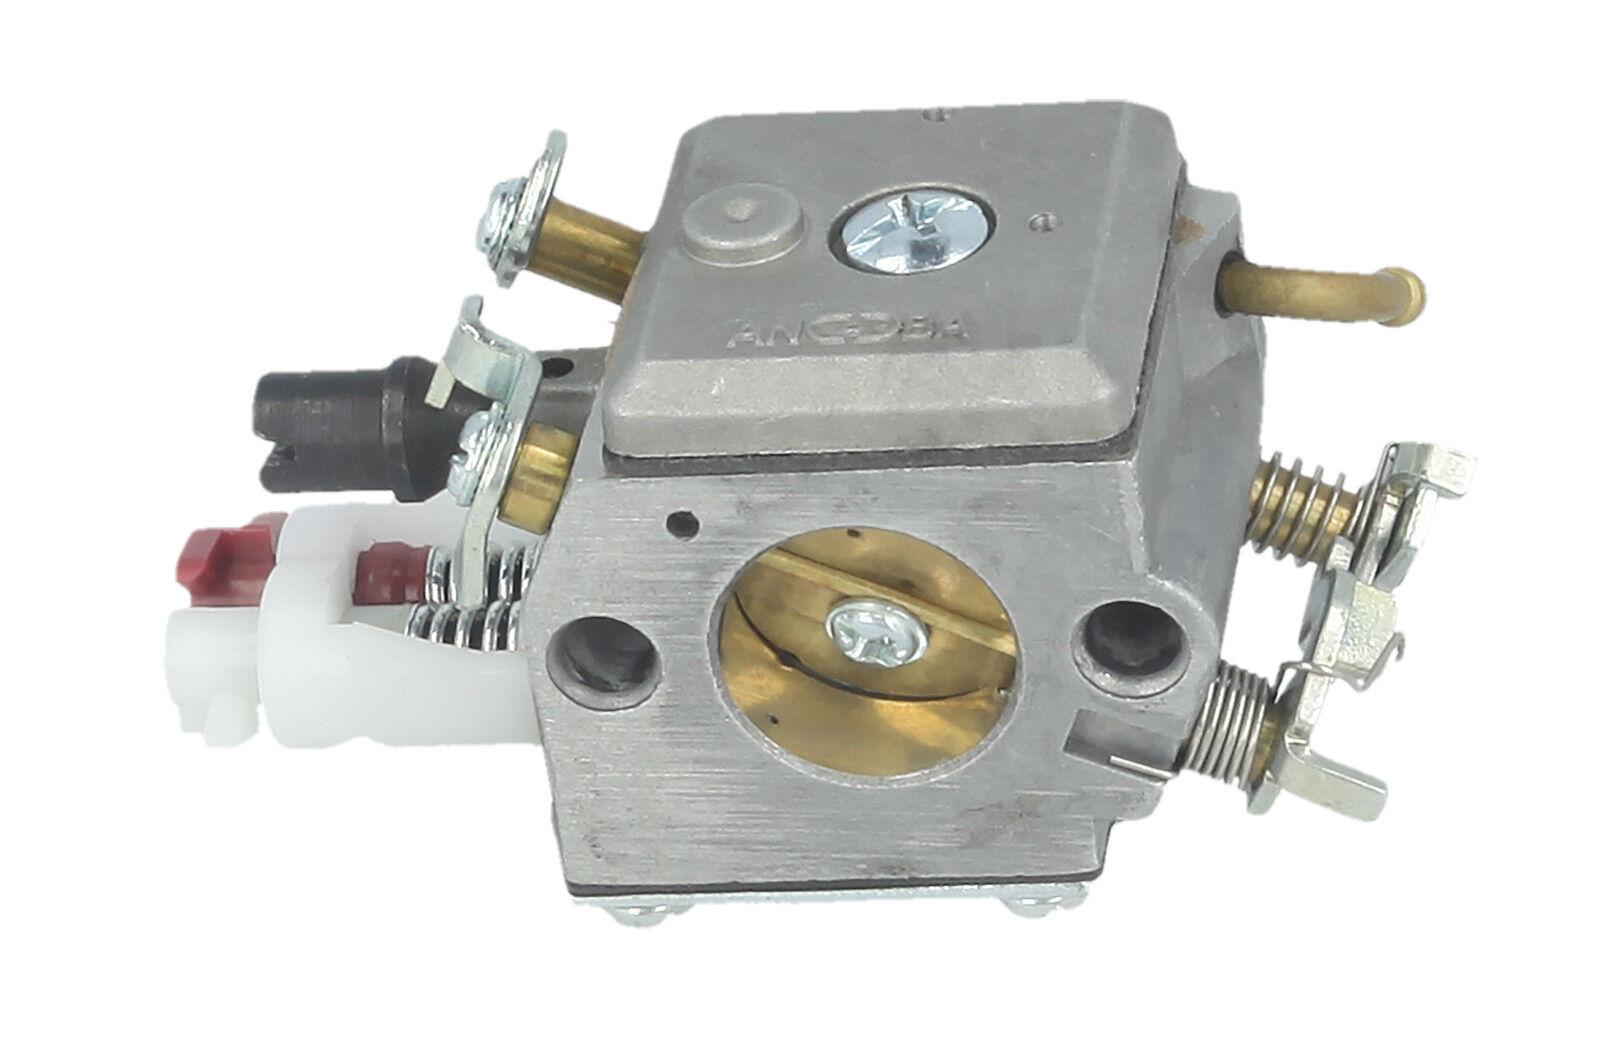 supporto al dettaglio all'ingrosso Carburatore Adatto a Motosega Husqvarna Husqvarna Husqvarna 357XP, 359 Oem 503 28 16-15 Zama C3-EL42  nuovo di marca